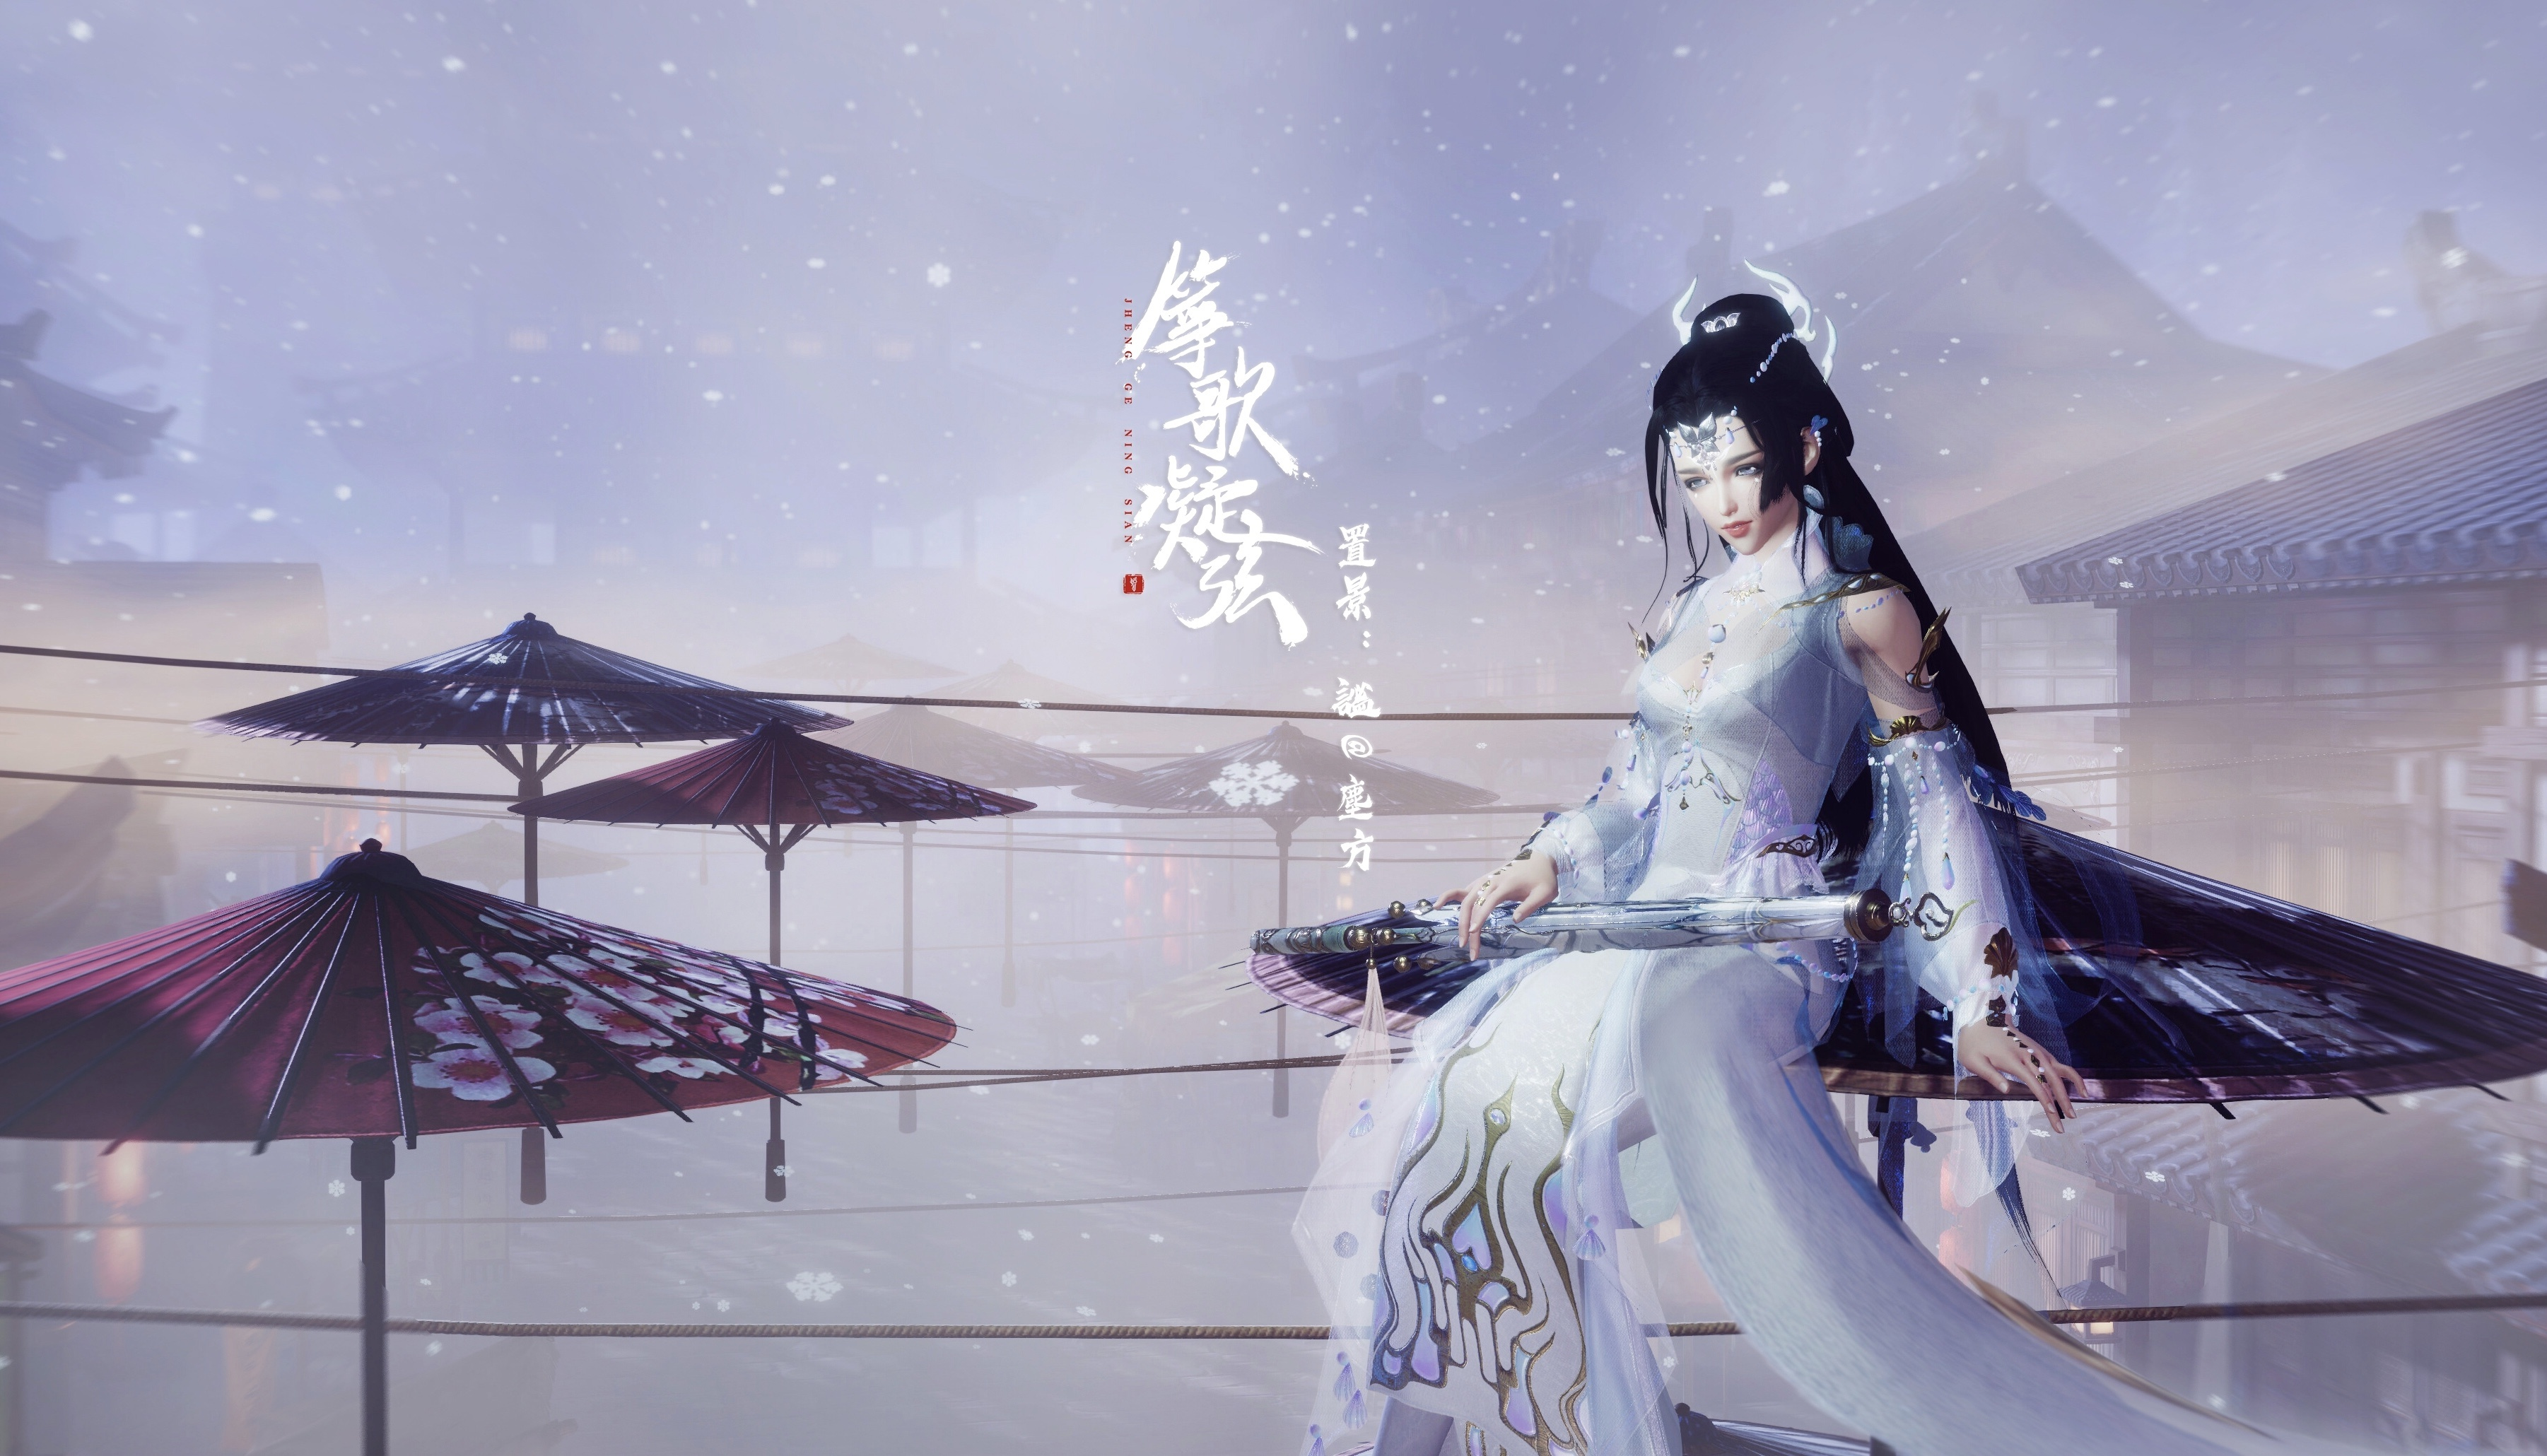 箏箏owo/見到六兒的魚乾了嗎 曬曬小公主 #東海小公主白堂 - #nvayma - Plurk